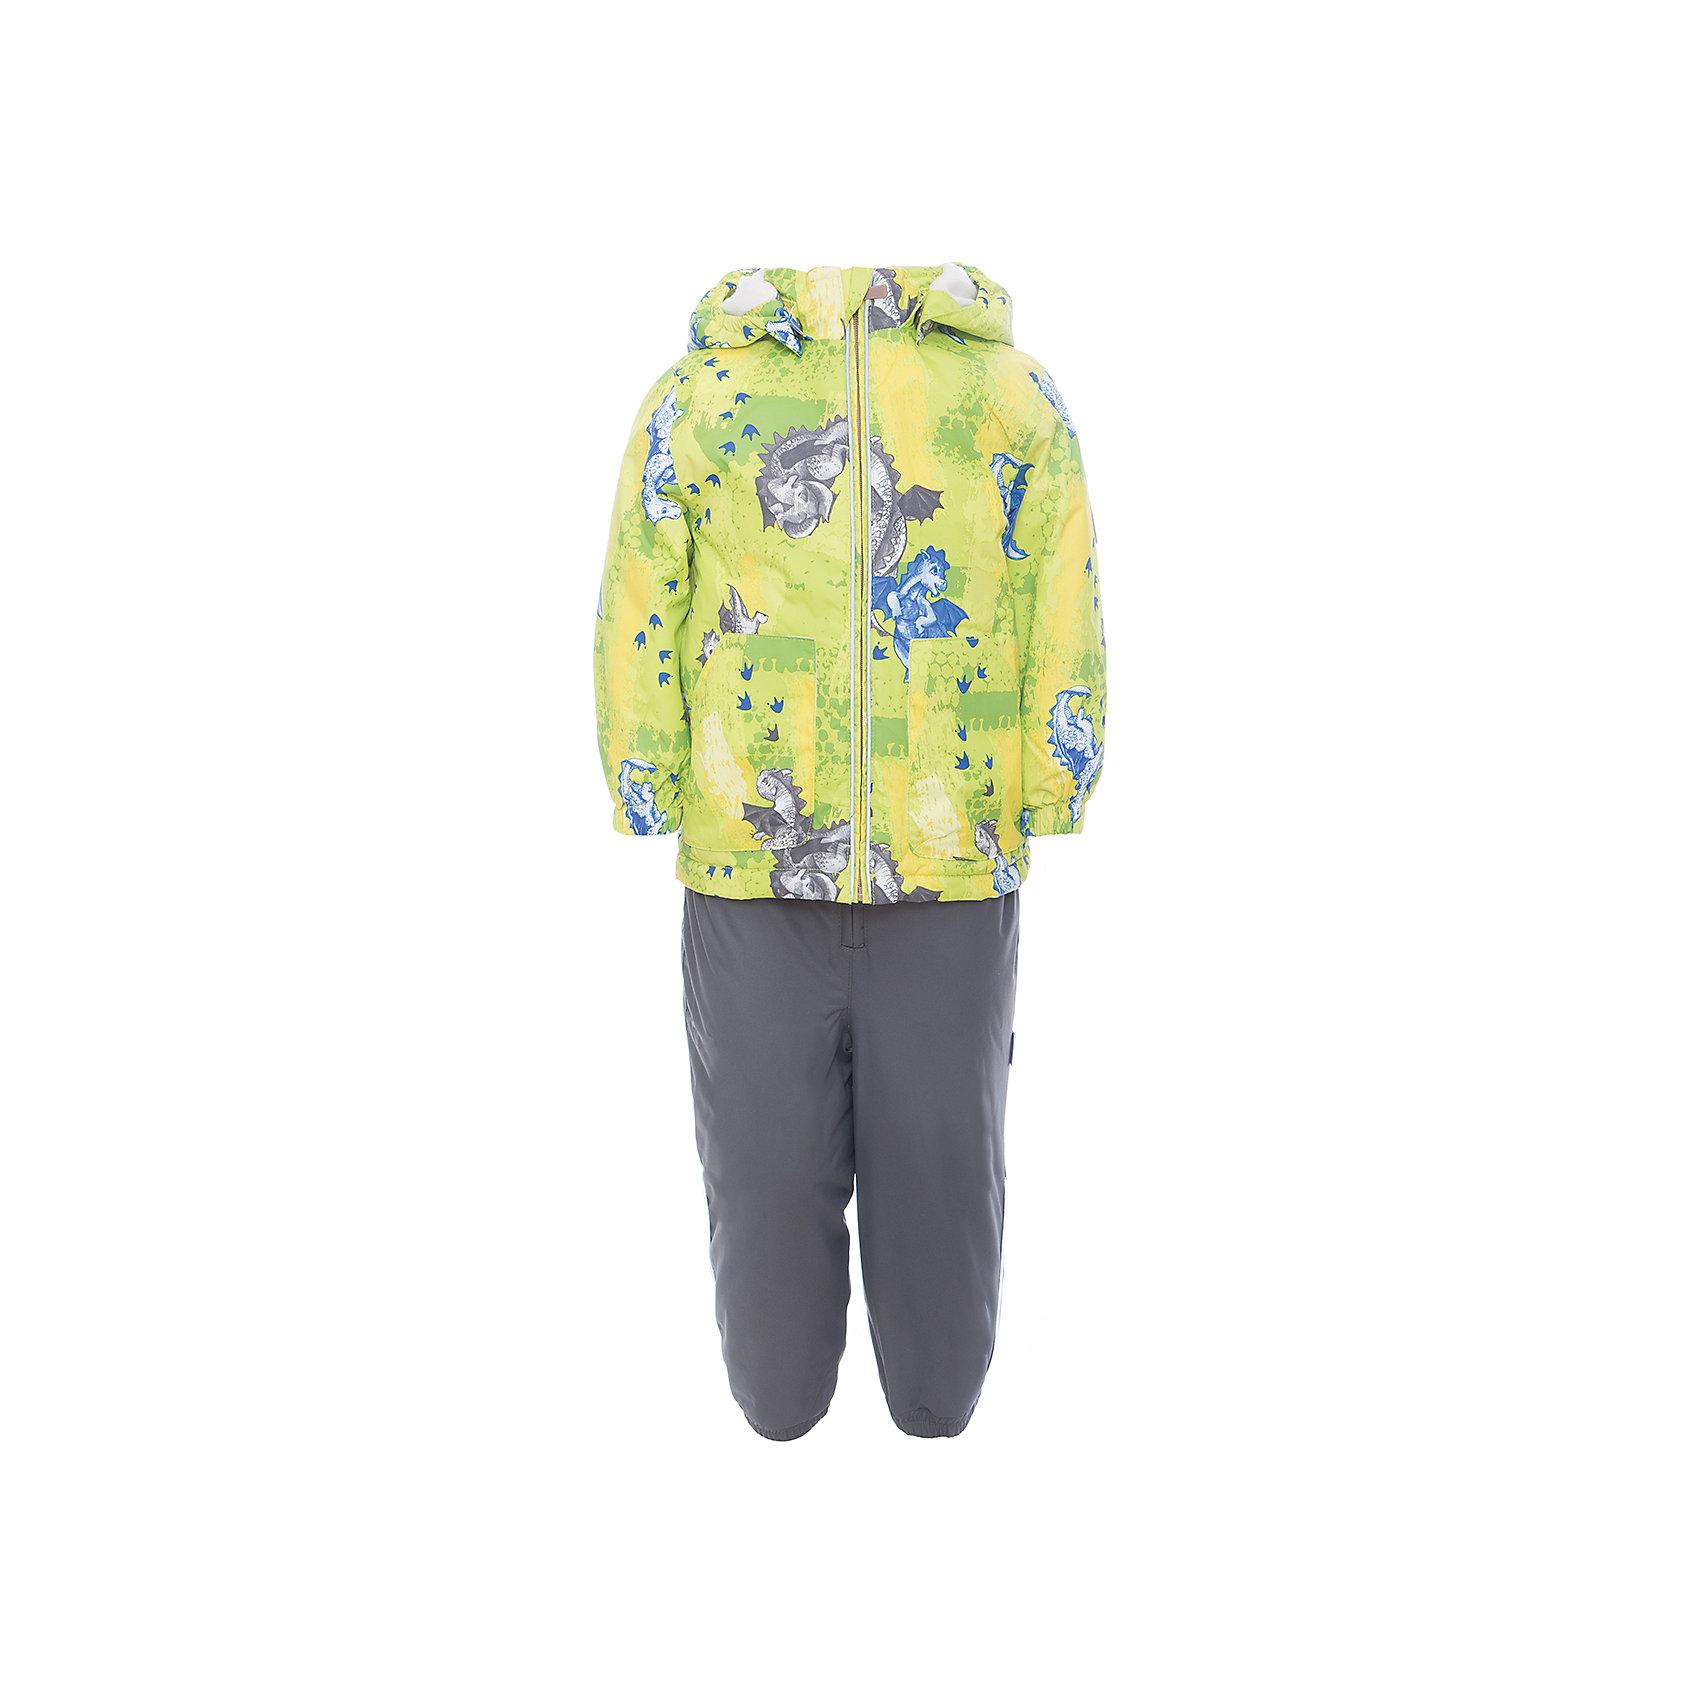 Комплект: куртка и полукомбинезон для мальчика CARLO HuppaКомплекты<br>Характеристики товара:<br><br>• цвет: лайм принт/серый<br>• комплектация: куртка и полукомбинезон <br>• ткань: 100% полиэстер<br>• подкладка: тафта - 100% полиэстер<br>• утеплитель: 100% полиэстер; куртка 100 г, полукомбинезон 40 г<br>• температурный режим: от -5°С до +10°С<br>• водонепроницаемость: верх - 5000 мм, низ - 10000 мм<br>• воздухопроницаемость: верх - 5000 мм, низ - 10000 мм<br>• светоотражающие детали<br>• шов сидения проклеен<br>• съёмный капюшон с резинкой<br>• эластичные манжеты на рукавах<br>• манжеты брюк с резинкой<br>• съёмные эластичные штрипки<br>• без внутренних швов<br>• резиновые подтяжки<br>• коллекция: весна-лето 2017<br>• страна бренда: Эстония<br><br>Такой модный демисезонный комплект  обеспечит детям тепло и комфорт. Он сделан из материала, отталкивающего воду, и дополнен подкладкой с утеплителем, поэтому изделие идеально подходит для межсезонья. Материал изделий - с мембранной технологией: защищая от влаги и ветра, он легко выводит лишнюю влагу наружу. Комплект очень симпатично смотрится. <br><br>Одежда и обувь от популярного эстонского бренда Huppa - отличный вариант одеть ребенка можно и комфортно. Вещи, выпускаемые компанией, качественные, продуманные и очень удобные. Для производства изделий используются только безопасные для детей материалы. Продукция от Huppa порадует и детей, и их родителей!<br><br>Комплект: куртка и полукомбинезон для мальчика CARLO от бренда Huppa (Хуппа) можно купить в нашем интернет-магазине.<br><br>Ширина мм: 356<br>Глубина мм: 10<br>Высота мм: 245<br>Вес г: 519<br>Цвет: зеленый<br>Возраст от месяцев: 48<br>Возраст до месяцев: 60<br>Пол: Мужской<br>Возраст: Детский<br>Размер: 110,80,86,92,98,104<br>SKU: 5346704